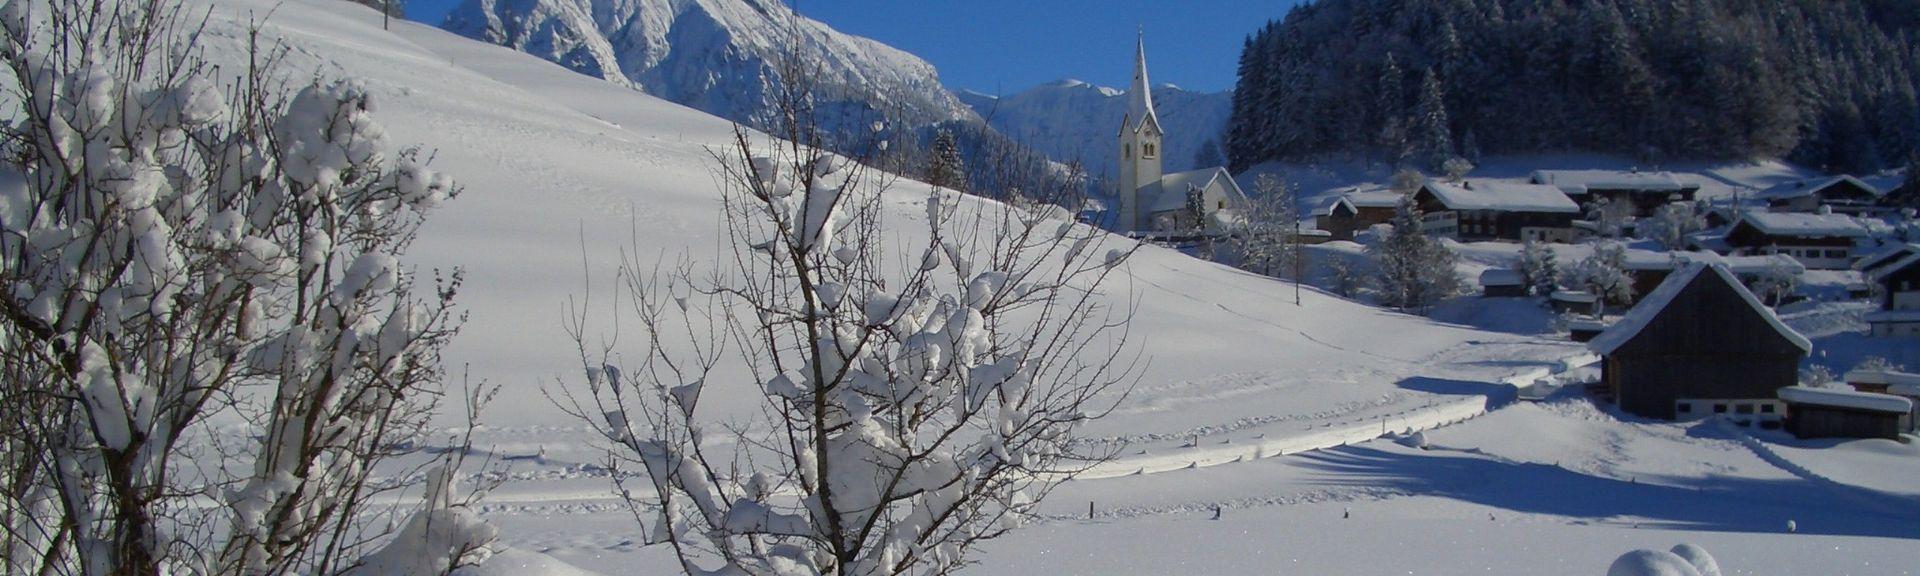 Tiefenbach, Oberstdorf, Bayern, Deutschland